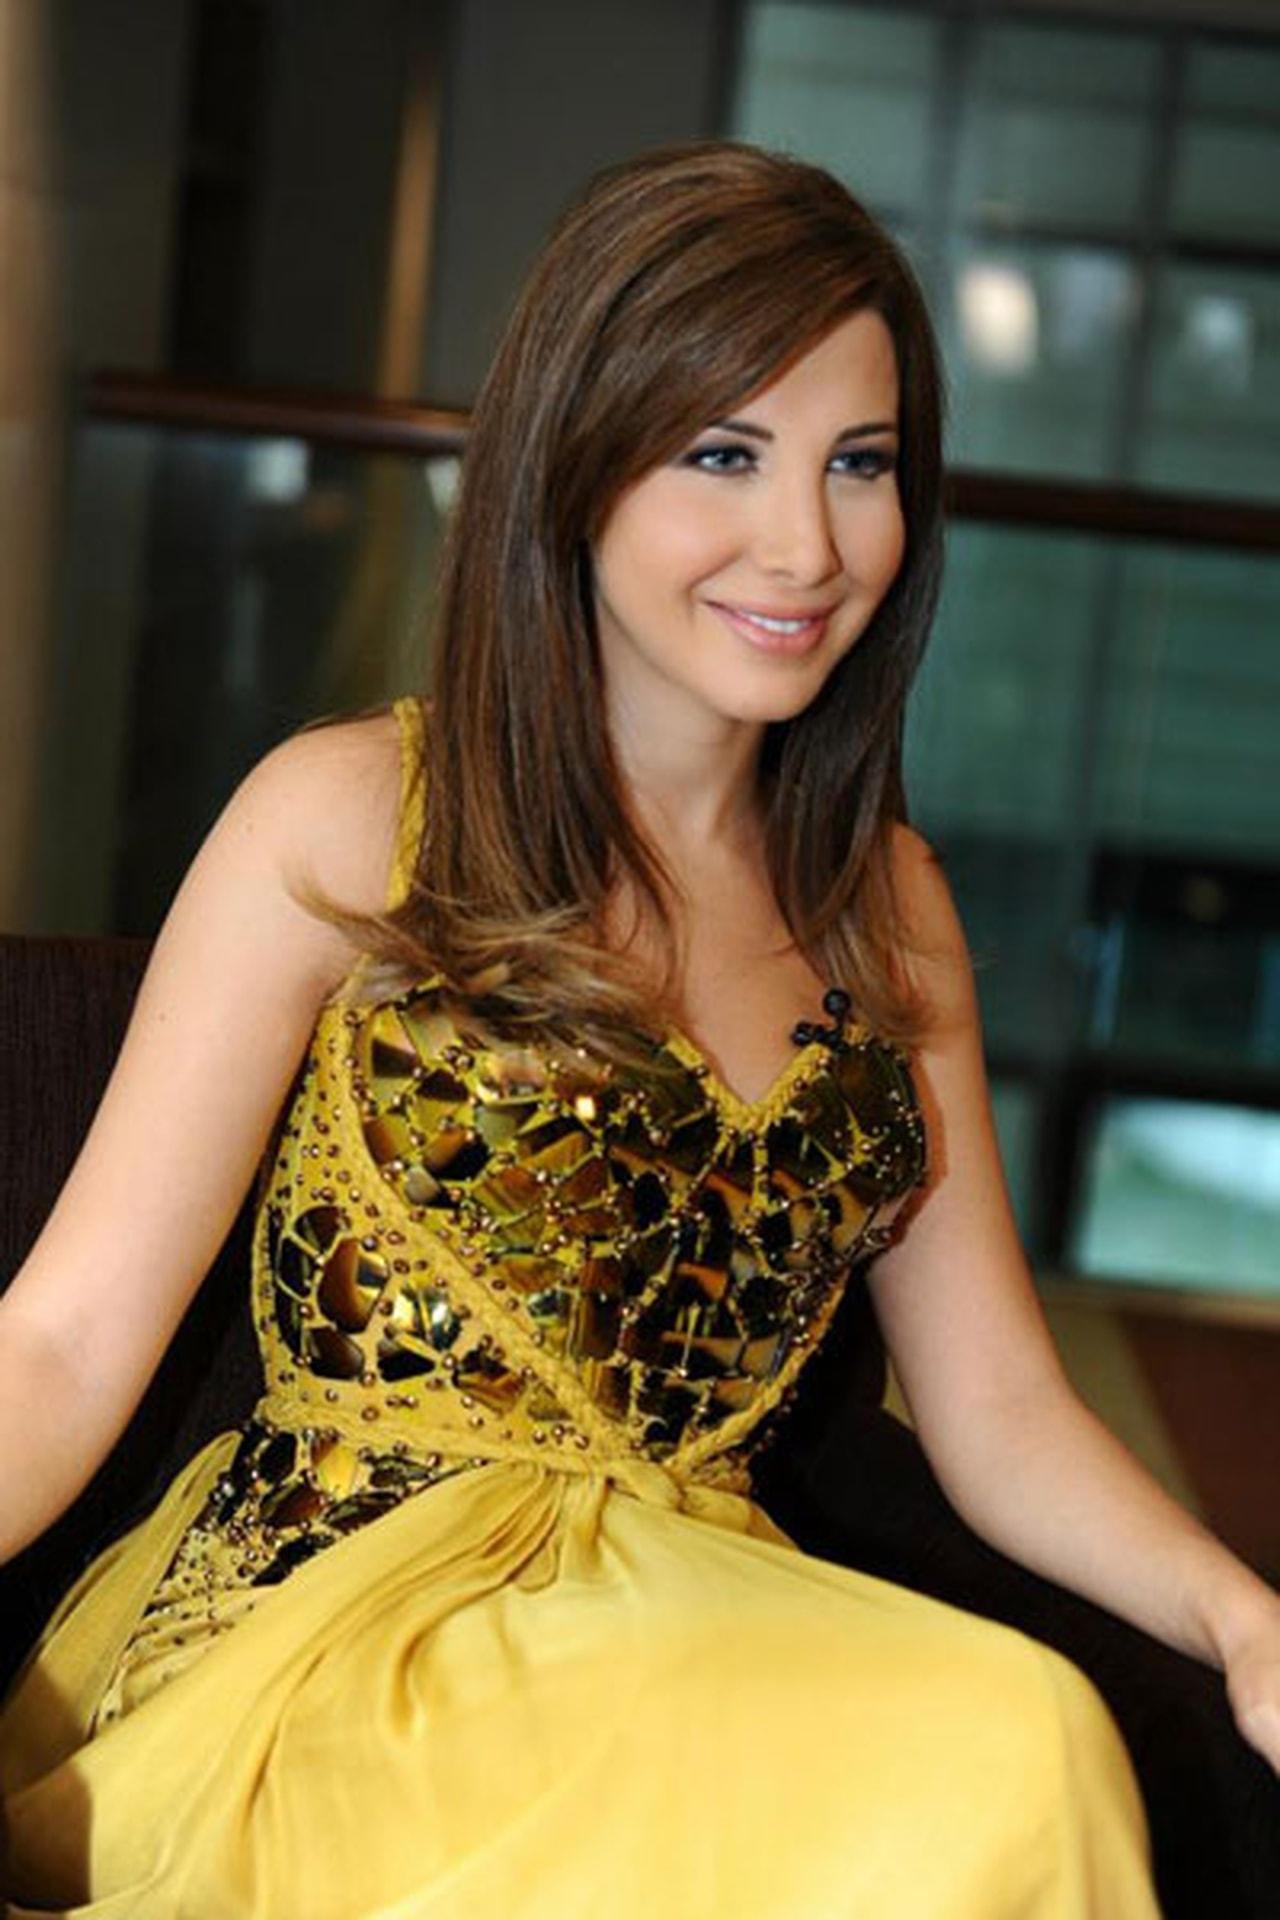 بالصور صور نانسي , صور المطربة اللبنانية نانسي عجرم 1385 9